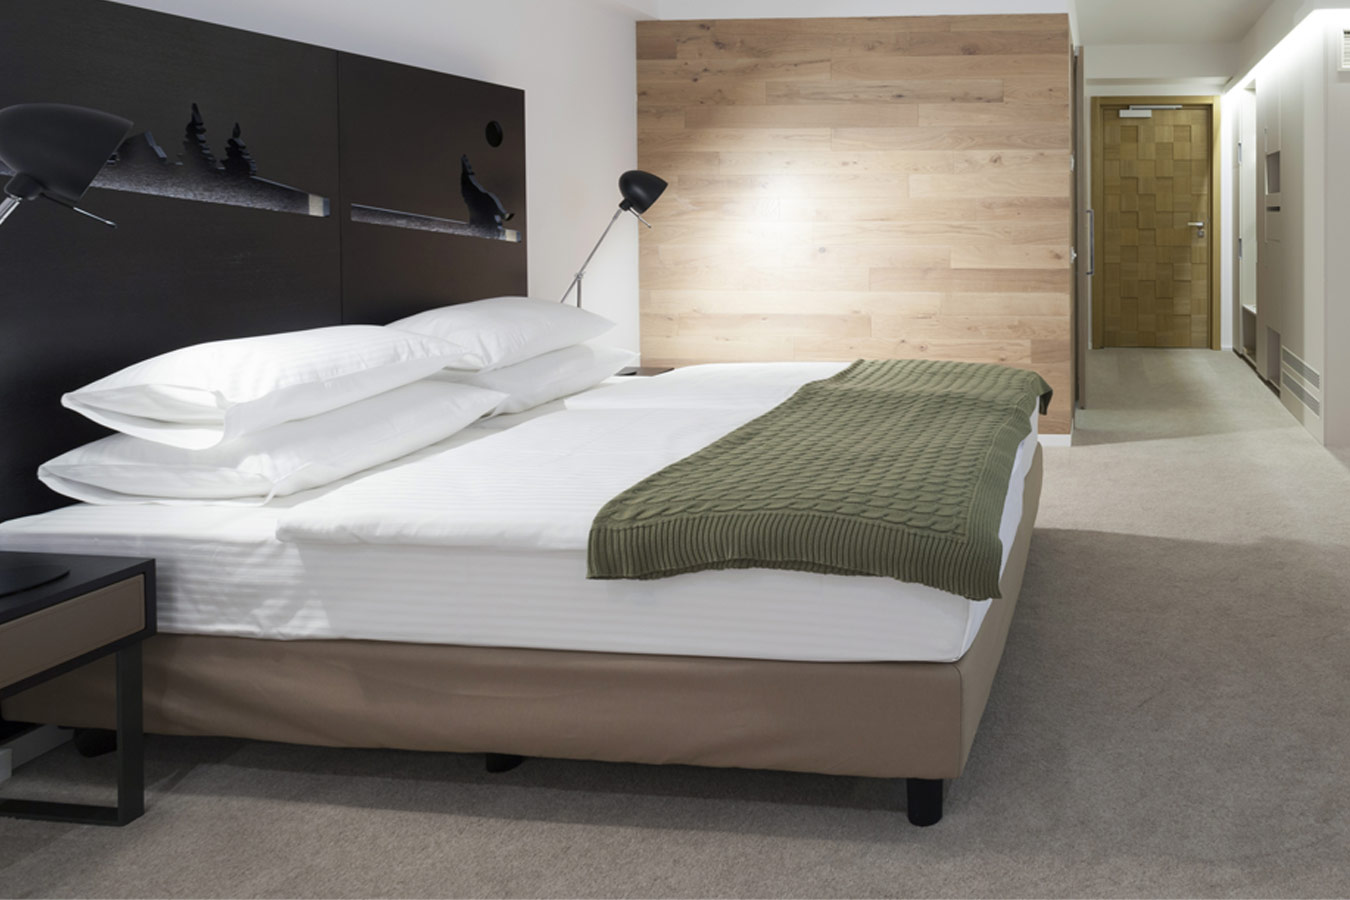 imgbd com slaapkamer ideeen landelijk de laatste slaapkamer | ifmore, Deco ideeën